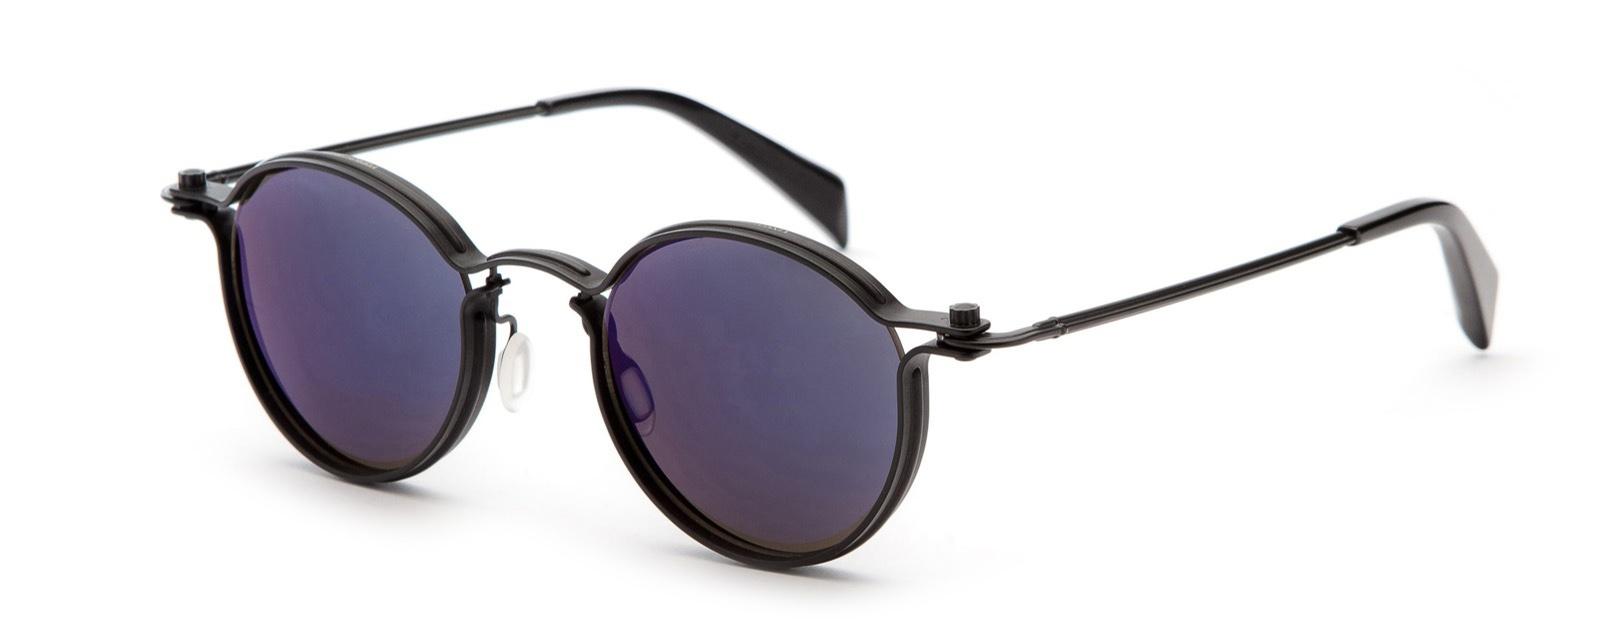 sunglasses, tavat sunglasses, sunglasses lenses, best sunglasses, eyes on st albans, melanin,